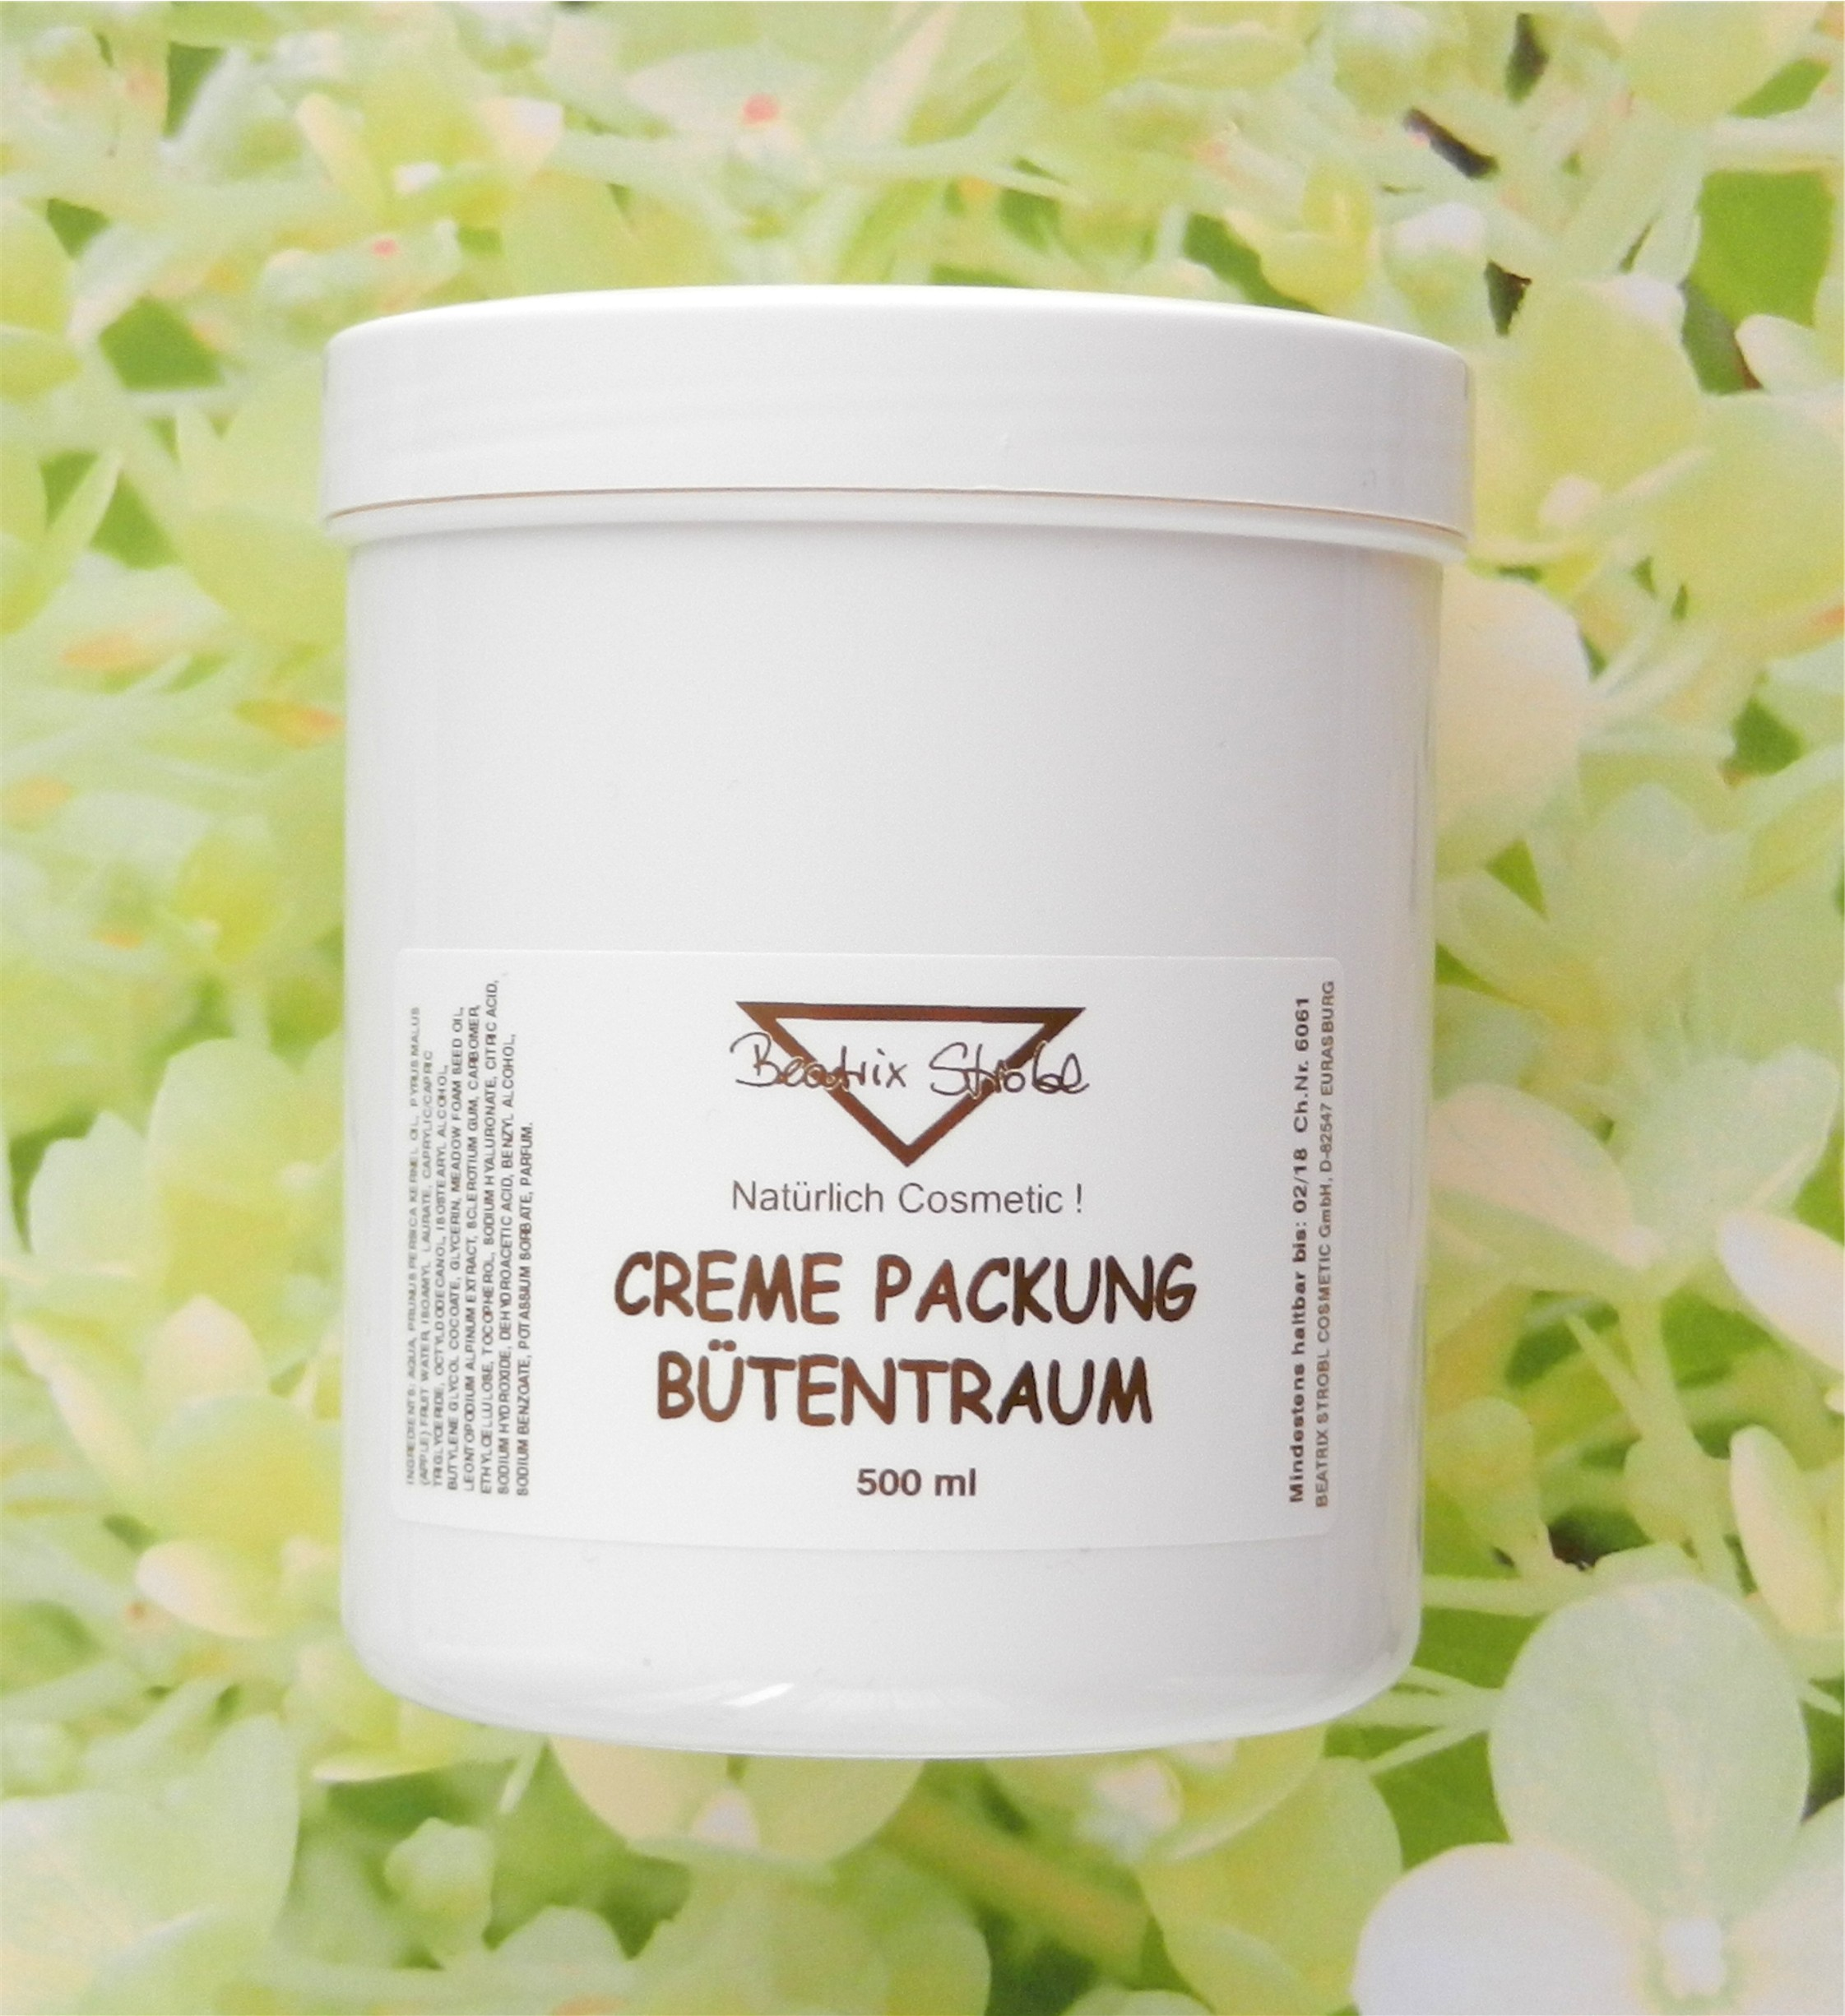 Blütentraum Creme leicht / Packung